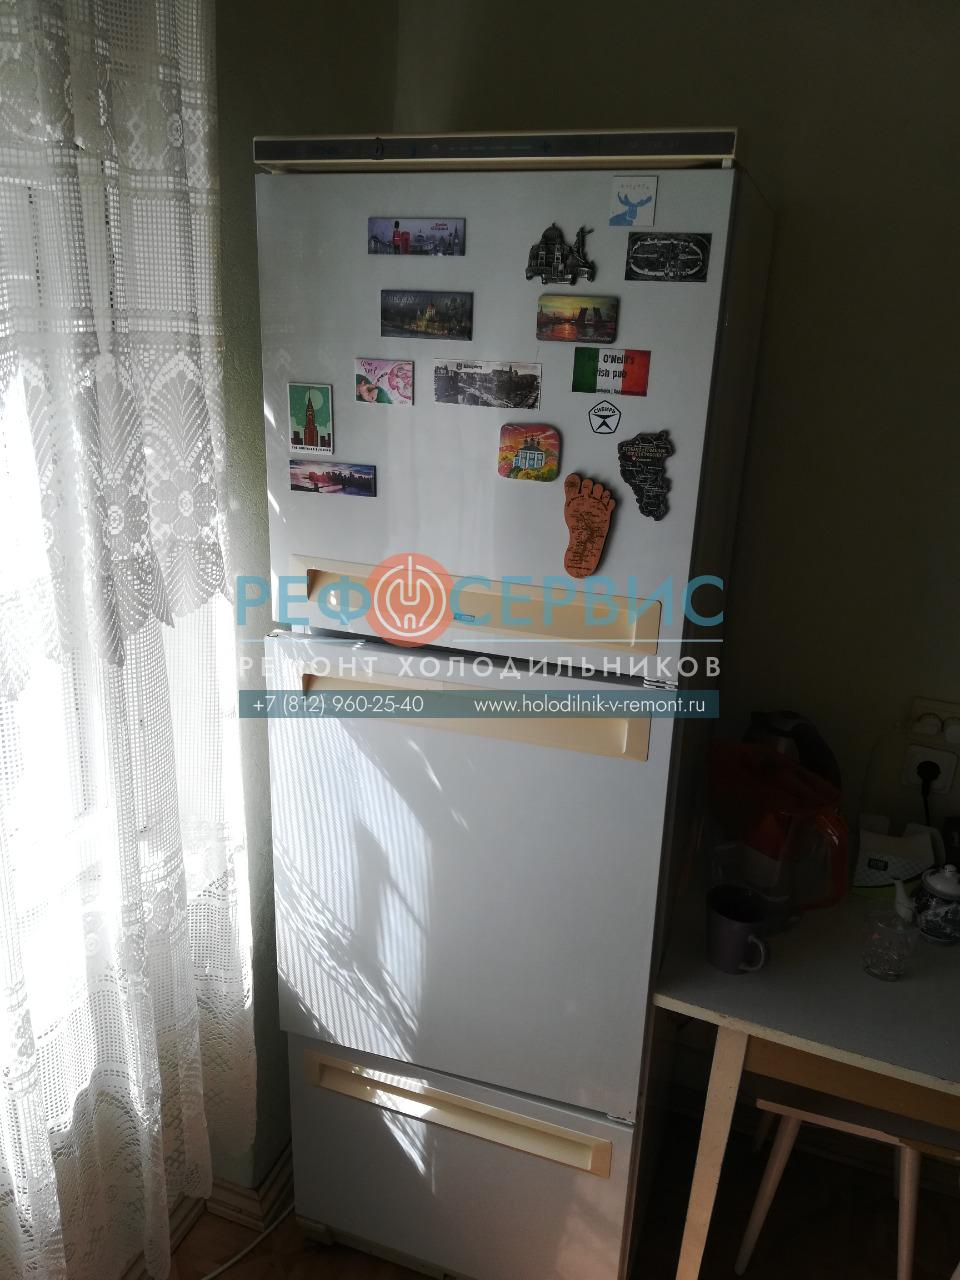 Замена патрона лампы в холодильнике STINOL-104